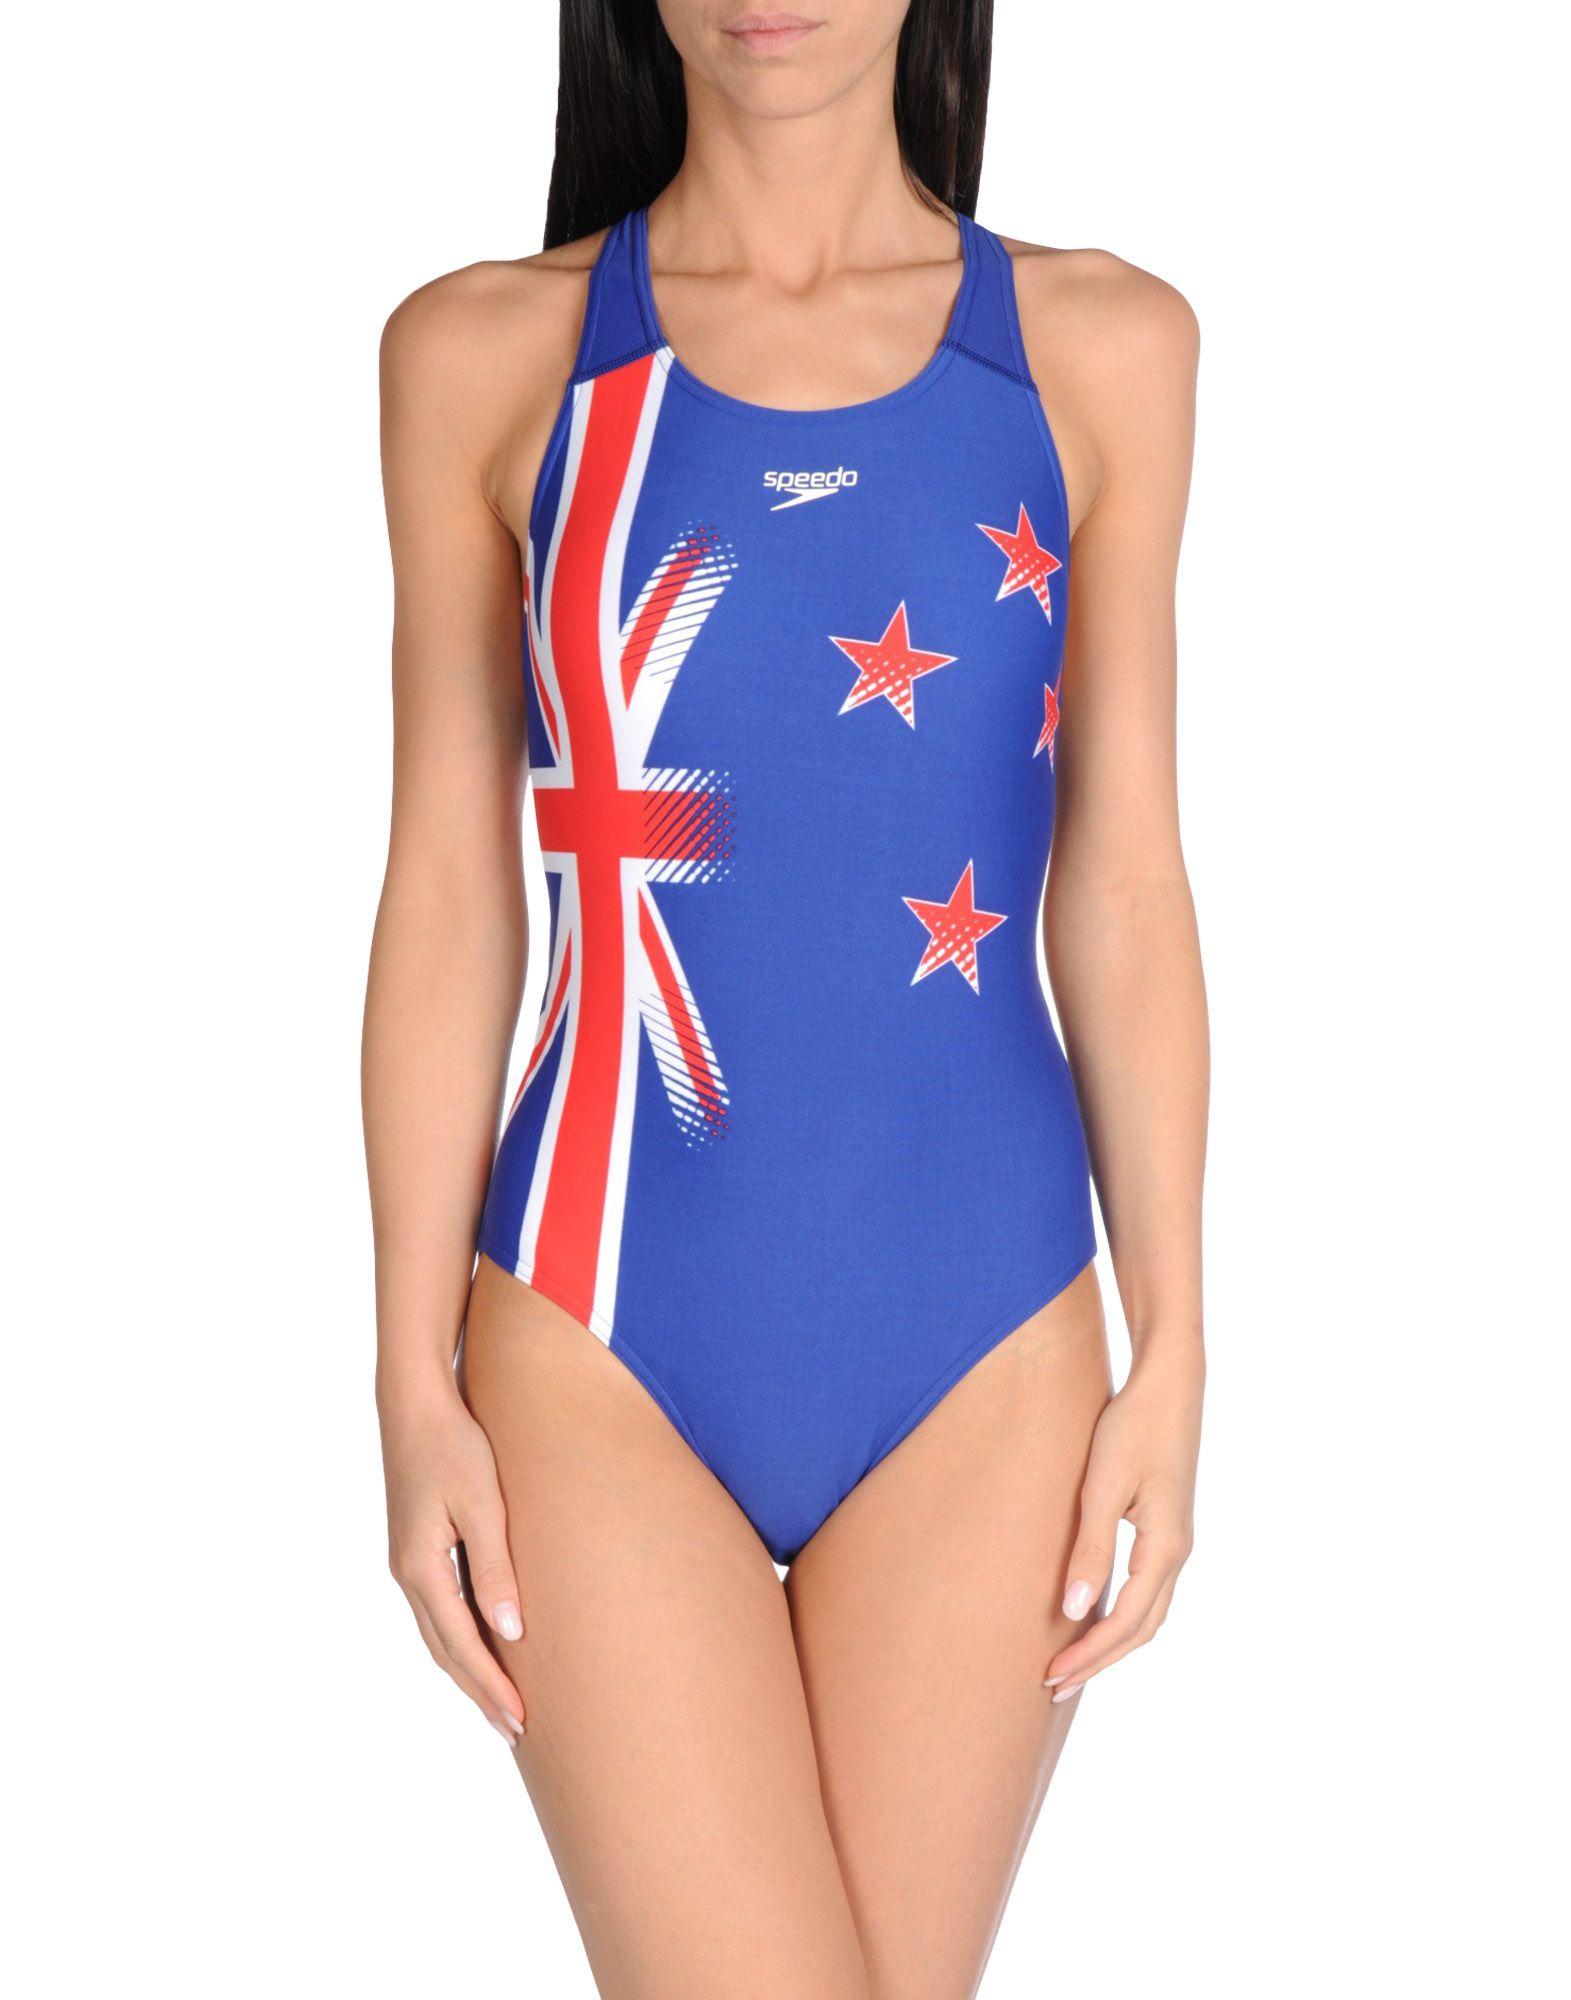 SPEEDO Спортивные купальники и плавки купальники плавки